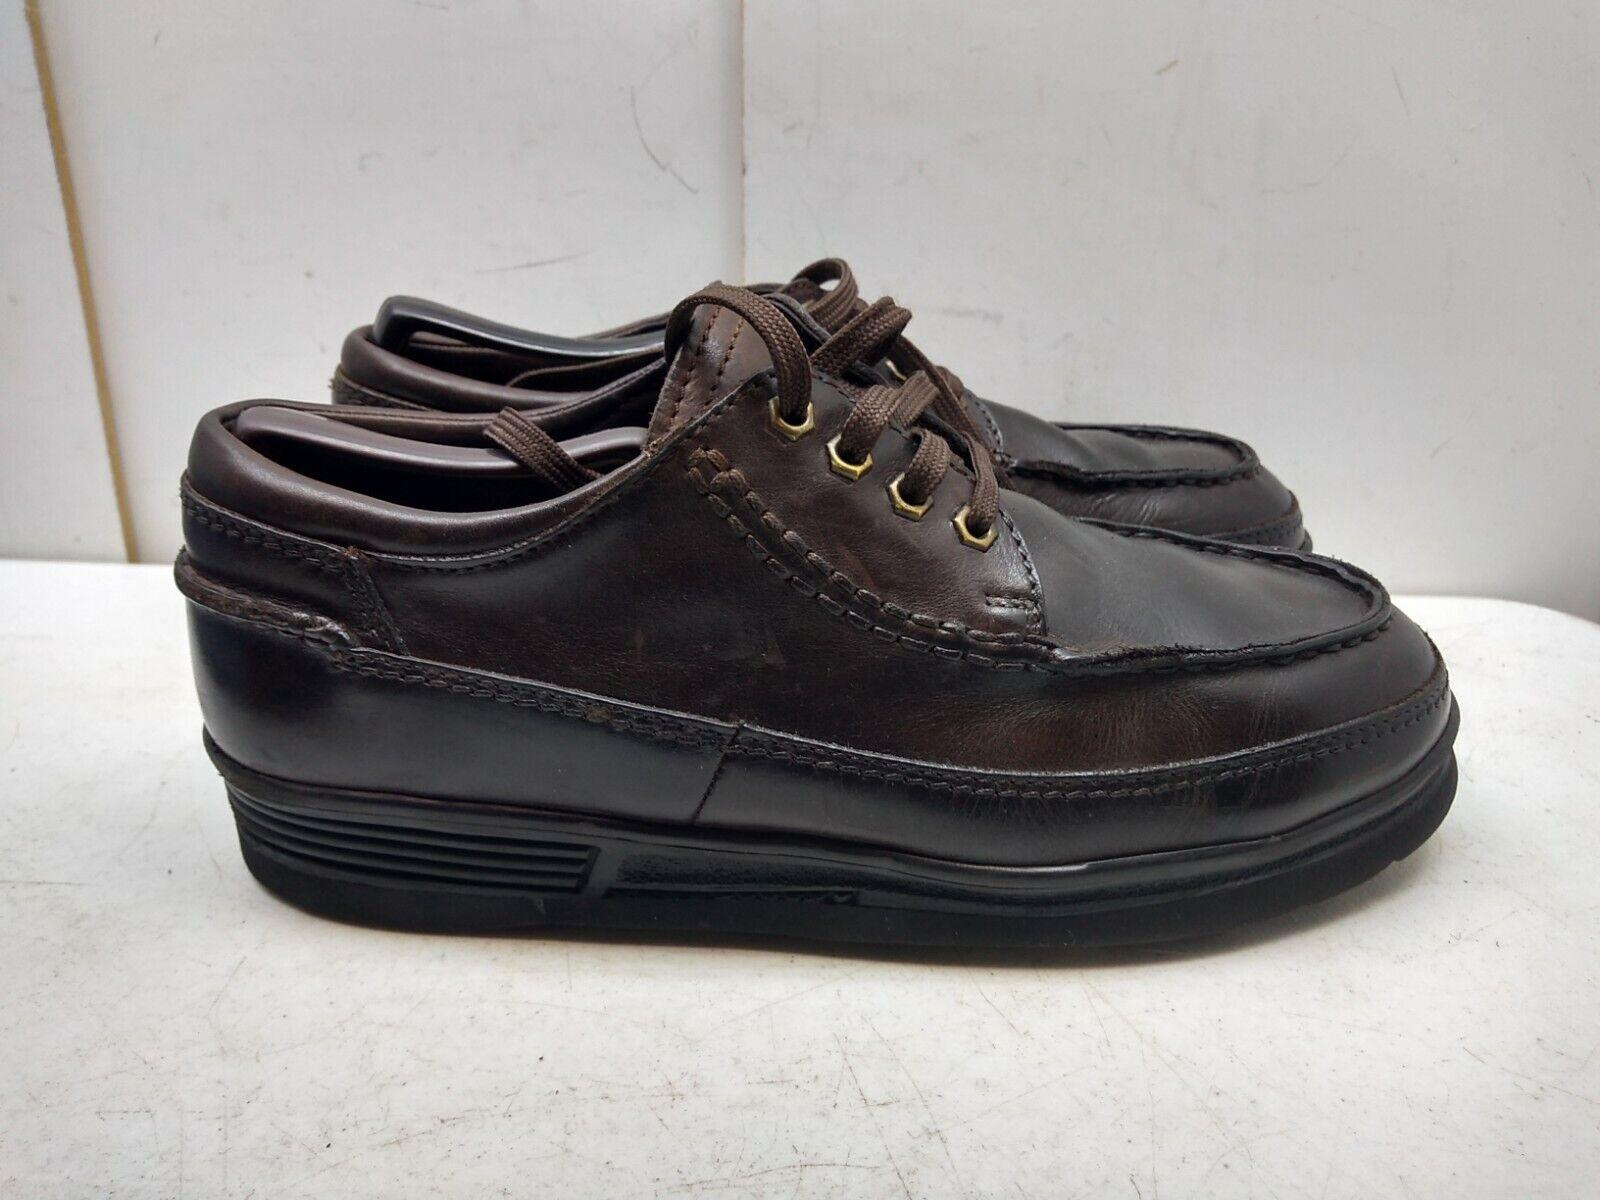 Dino Monti excursionistas Marrón Cuero Oxford con Cordones Comodidad Mocasín Zapato para Hombres 9M 42